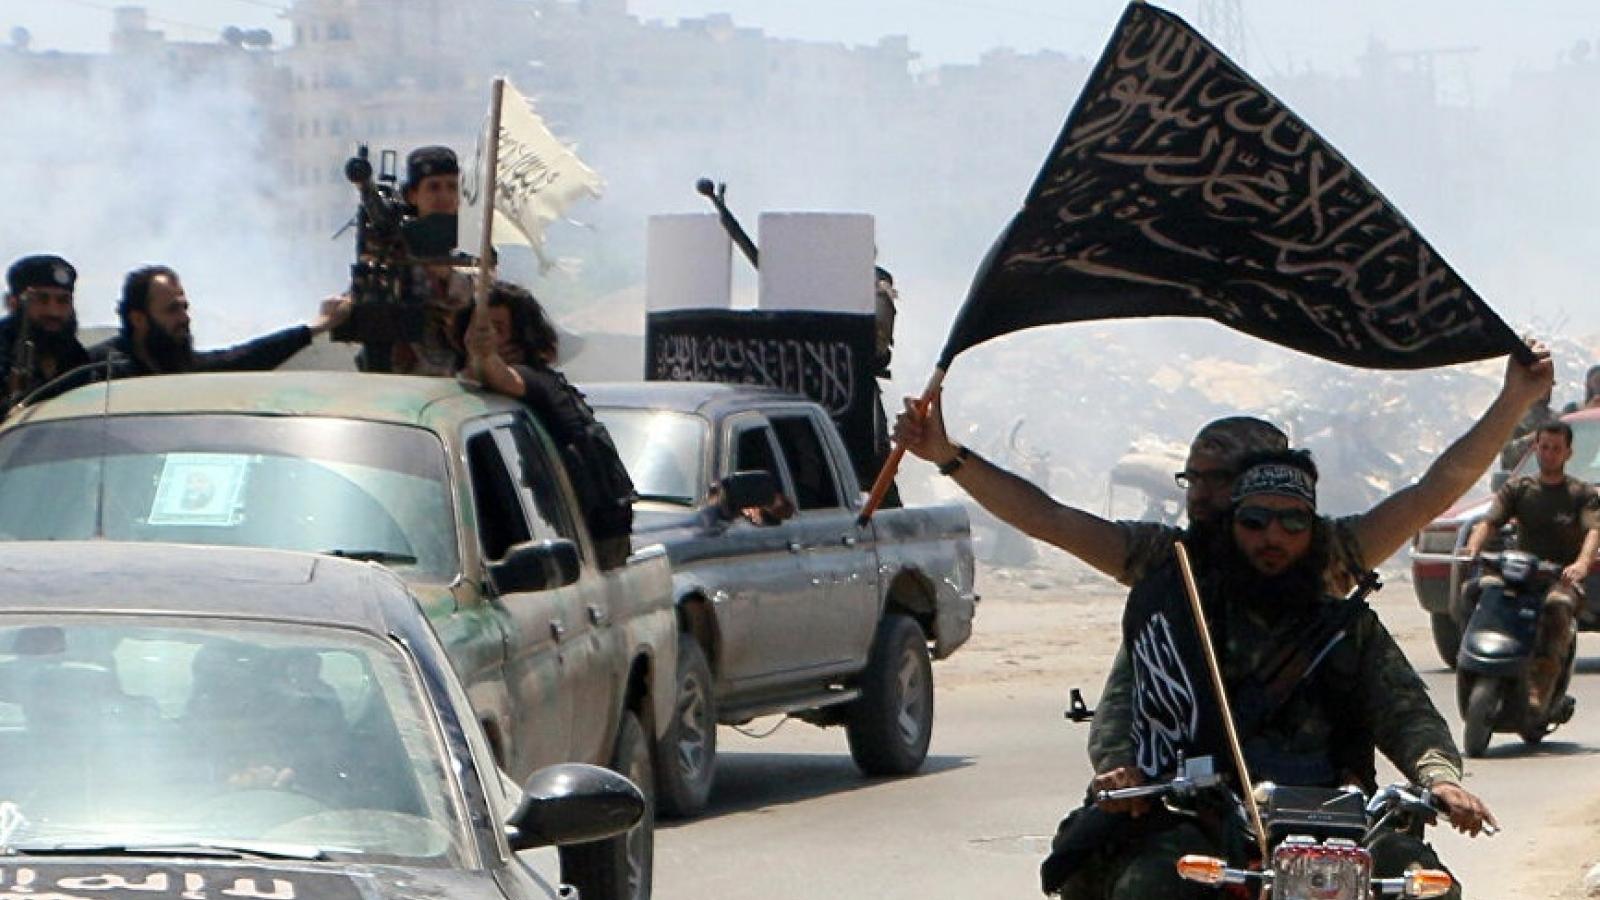 Al-Qaeda đe dọa 'cuộc chiến trên mọi mặt trận' sau khi Mỹ rút quân khỏi Afghanistan